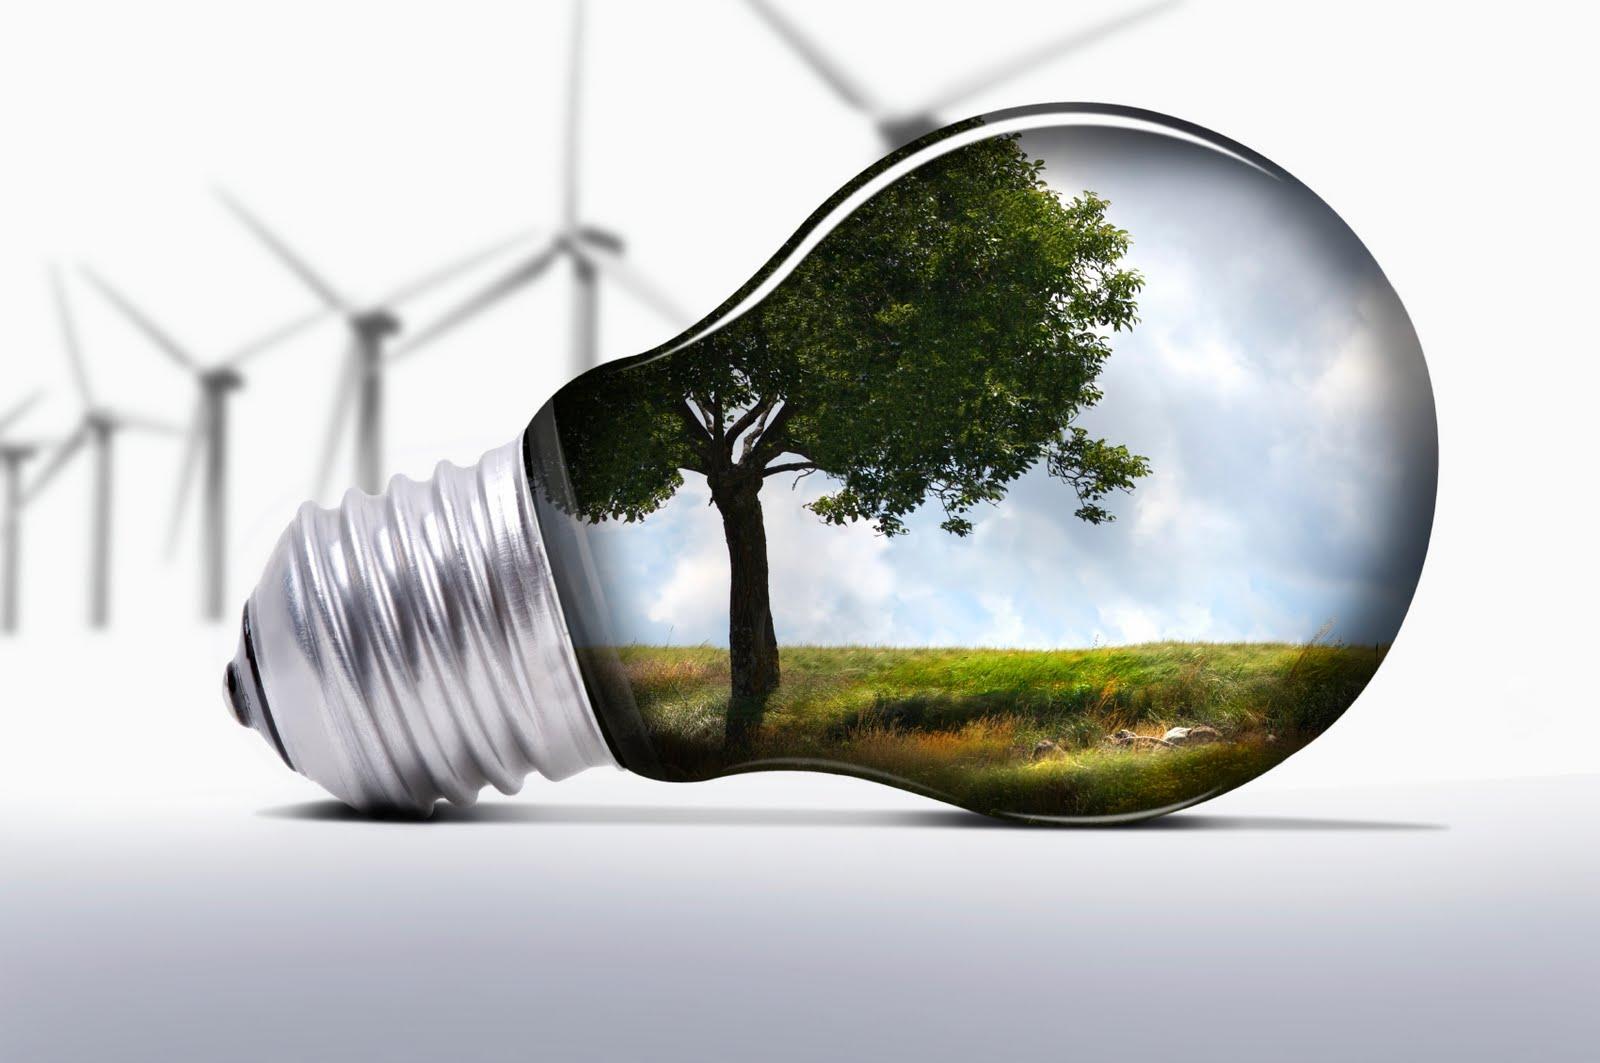 Super O sonho de ter a sua própria usina de energia em casa já é  CW45